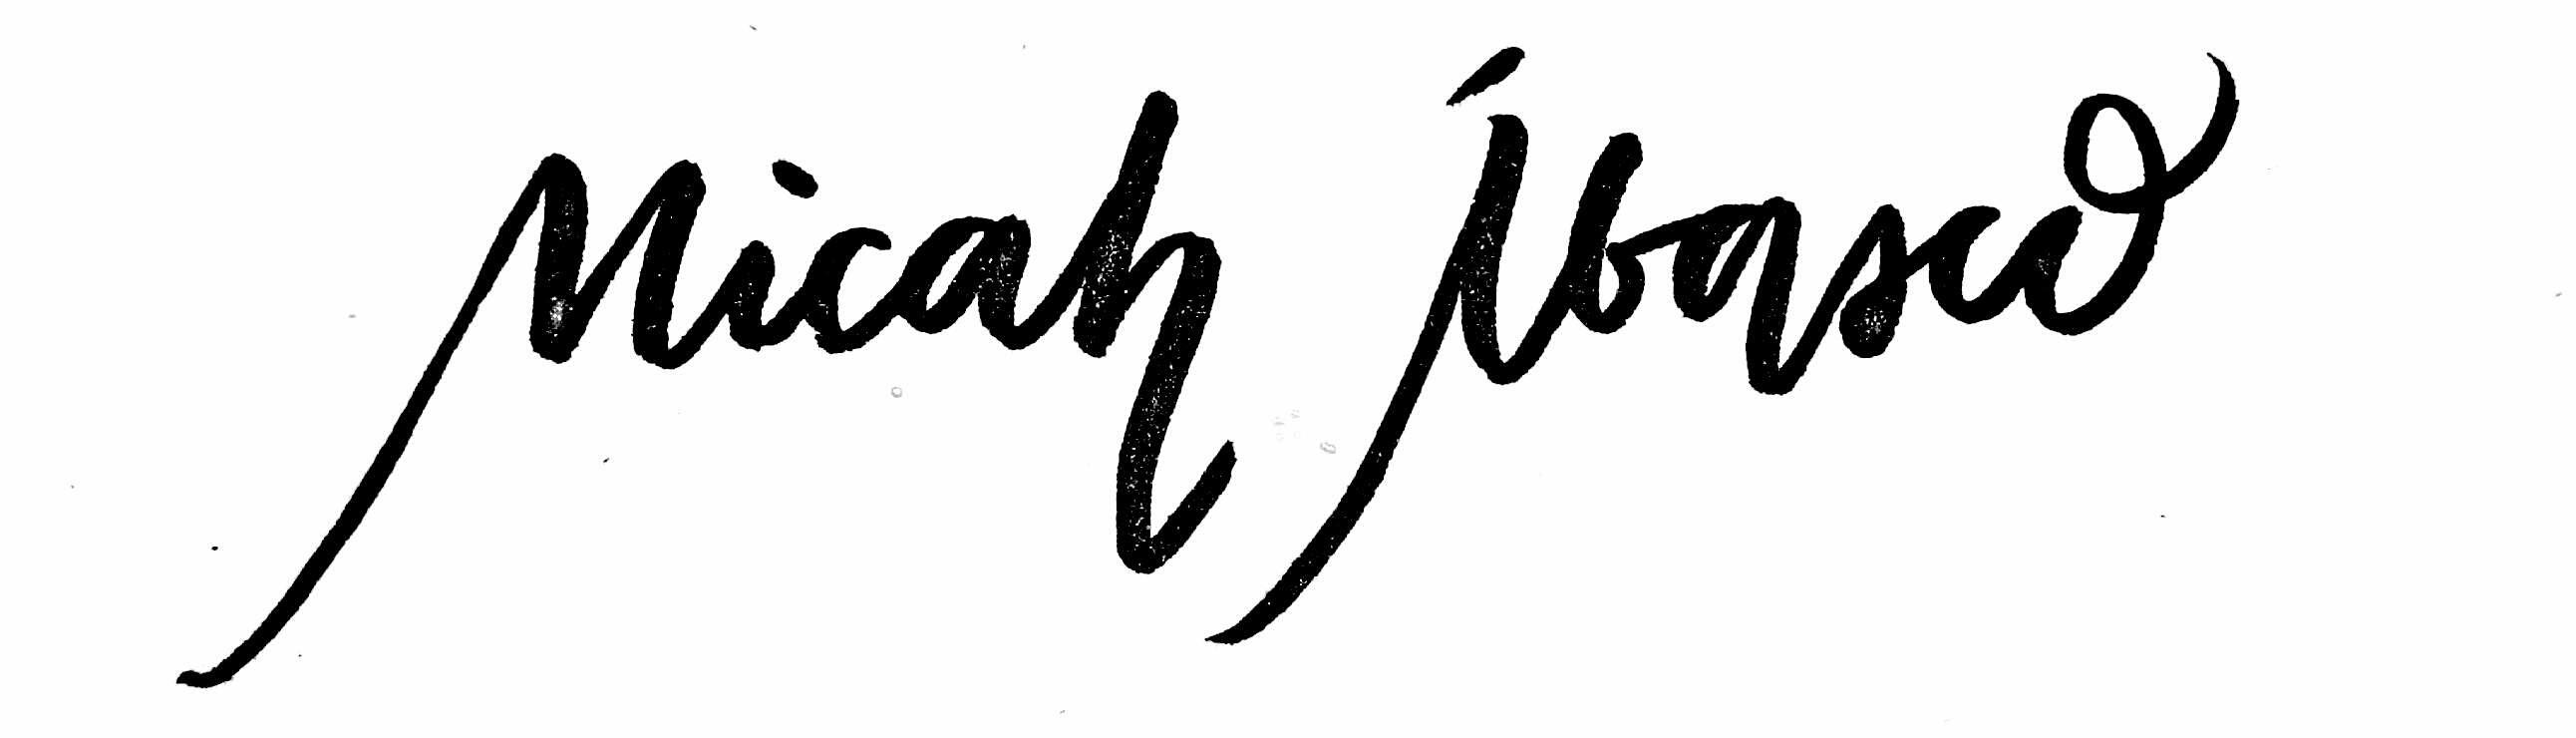 Micah Eunice Ibasco Signature